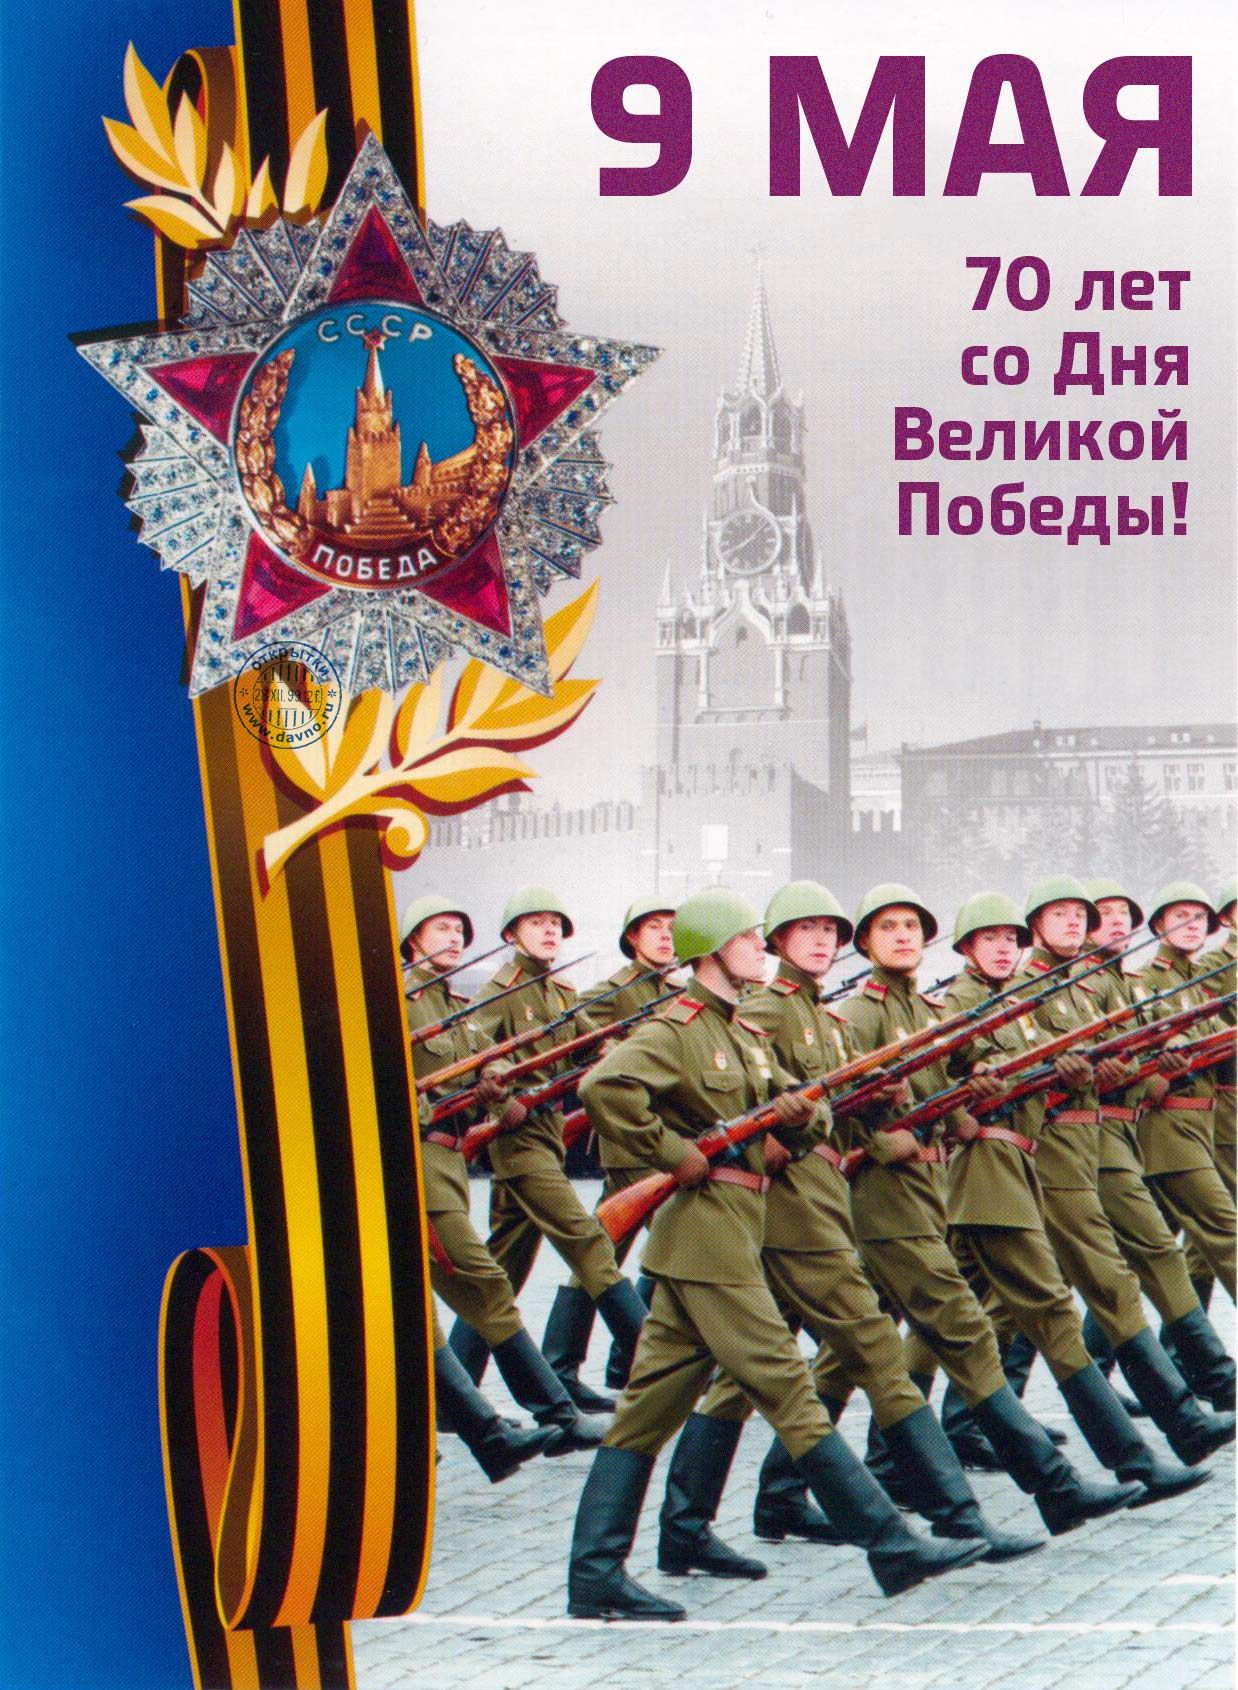 Живая снегурочка, открытки с днем победы 70 лет победы